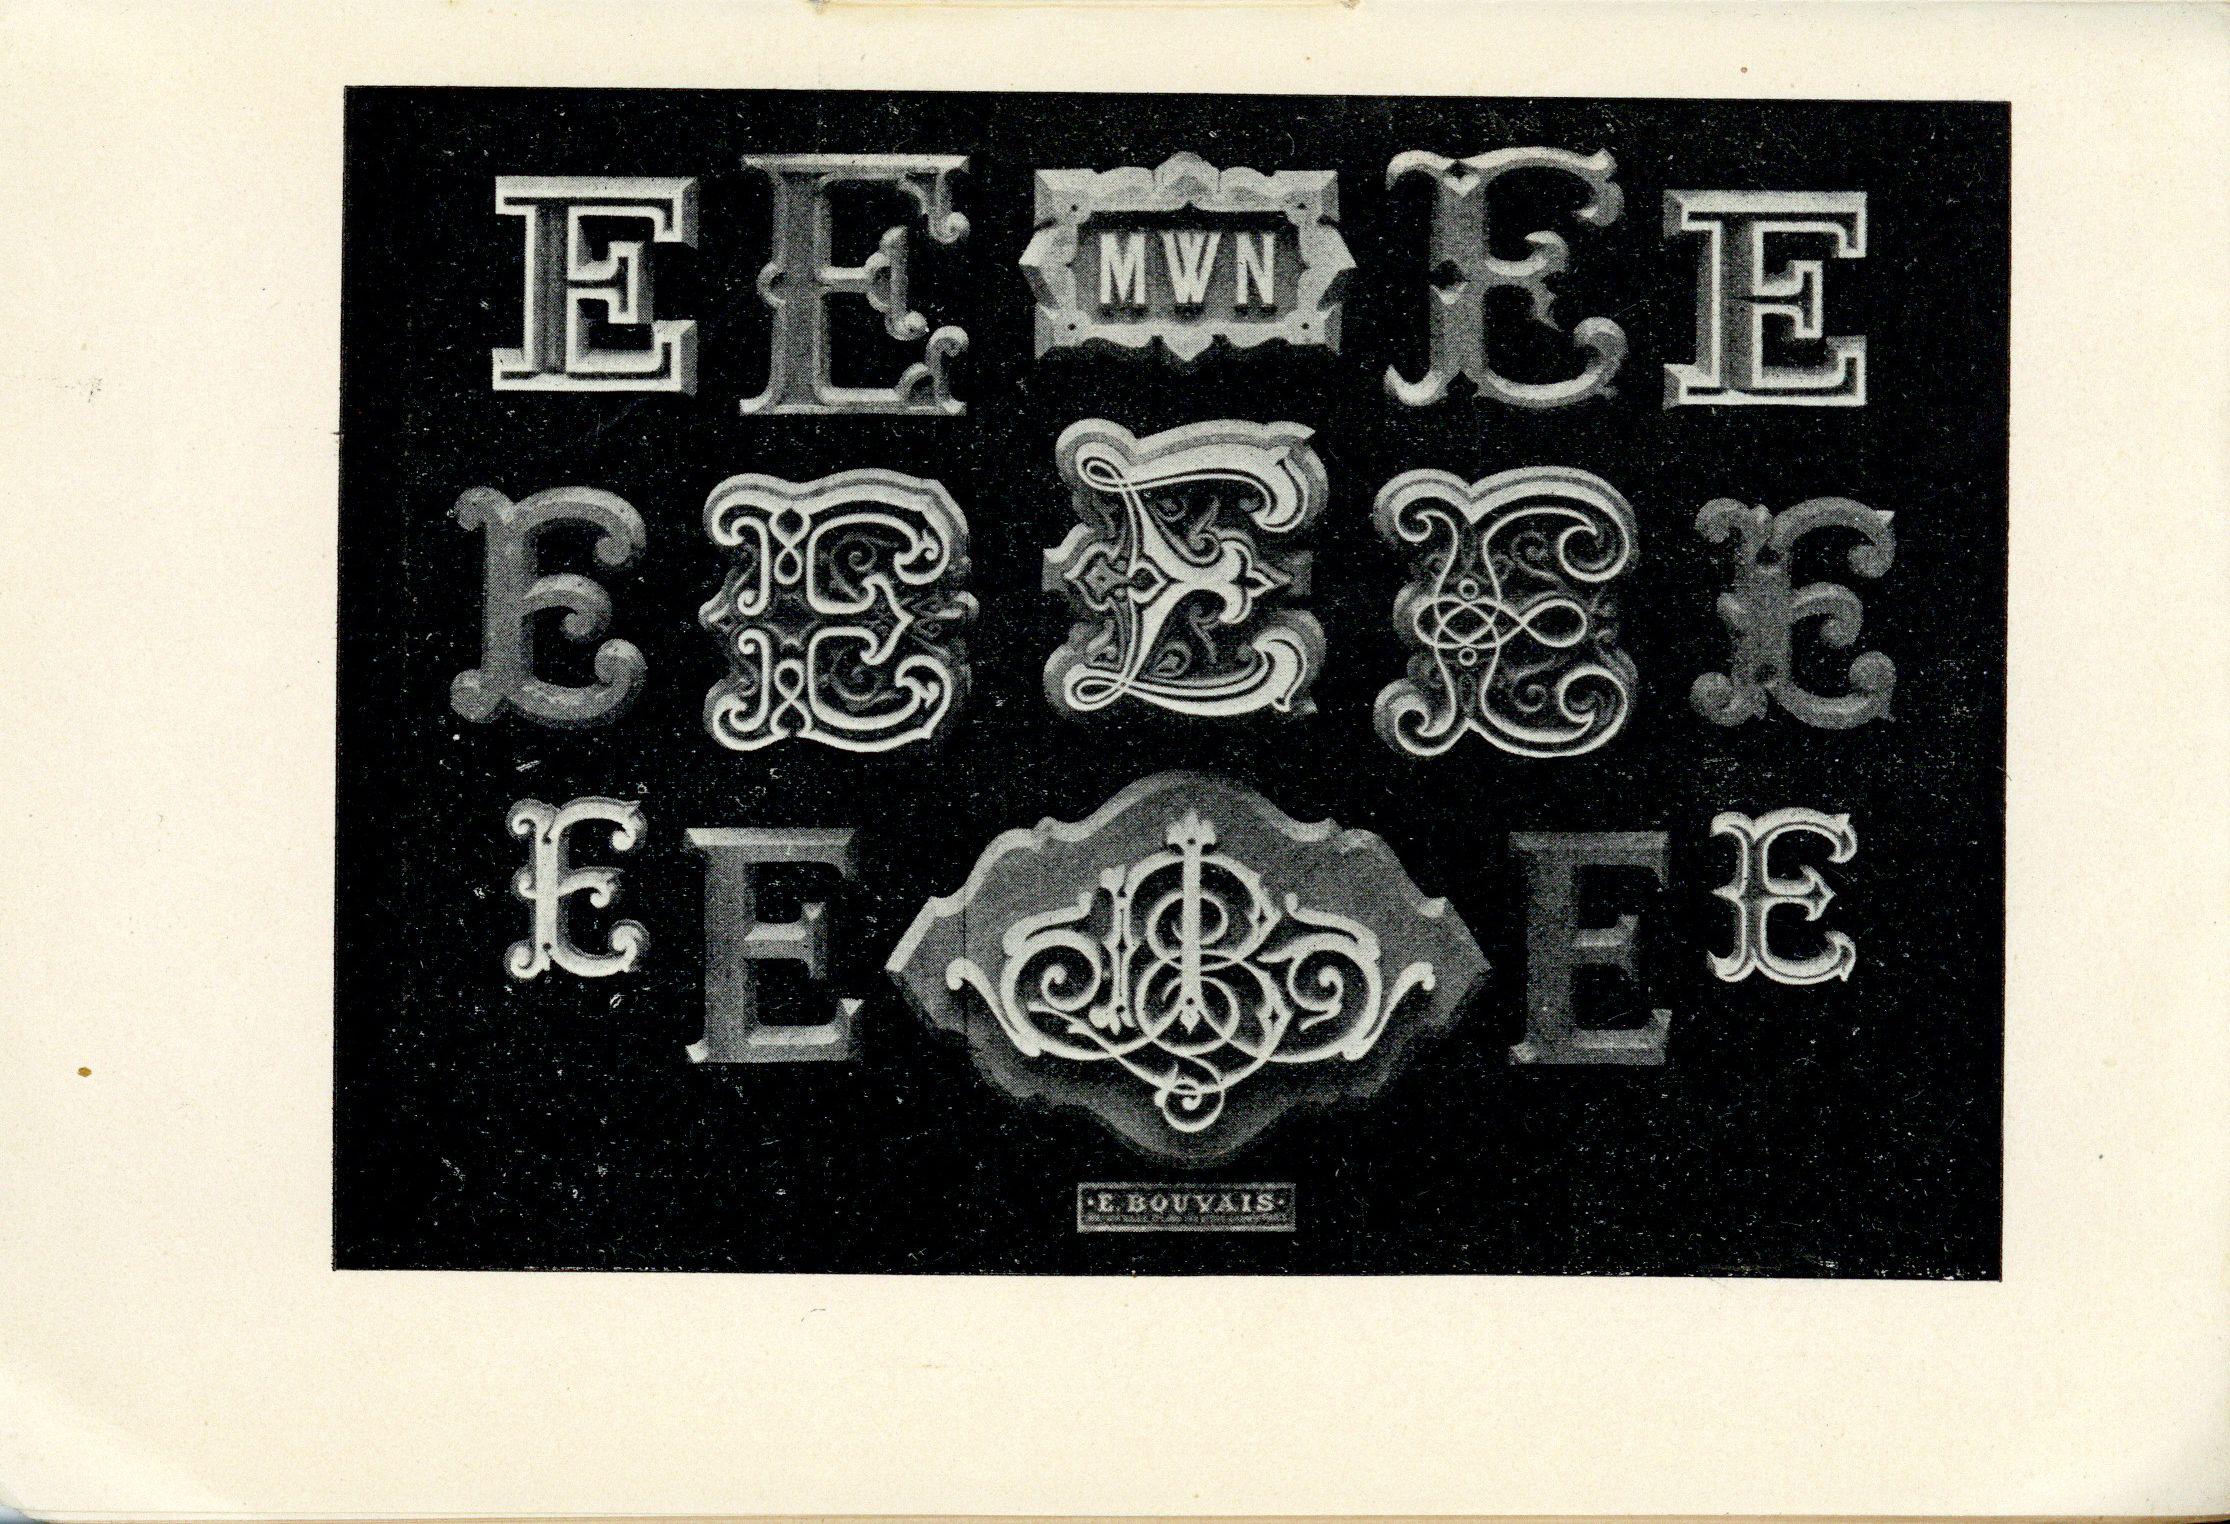 EMILE-BOUVAIS-Lettres-Sculptees02